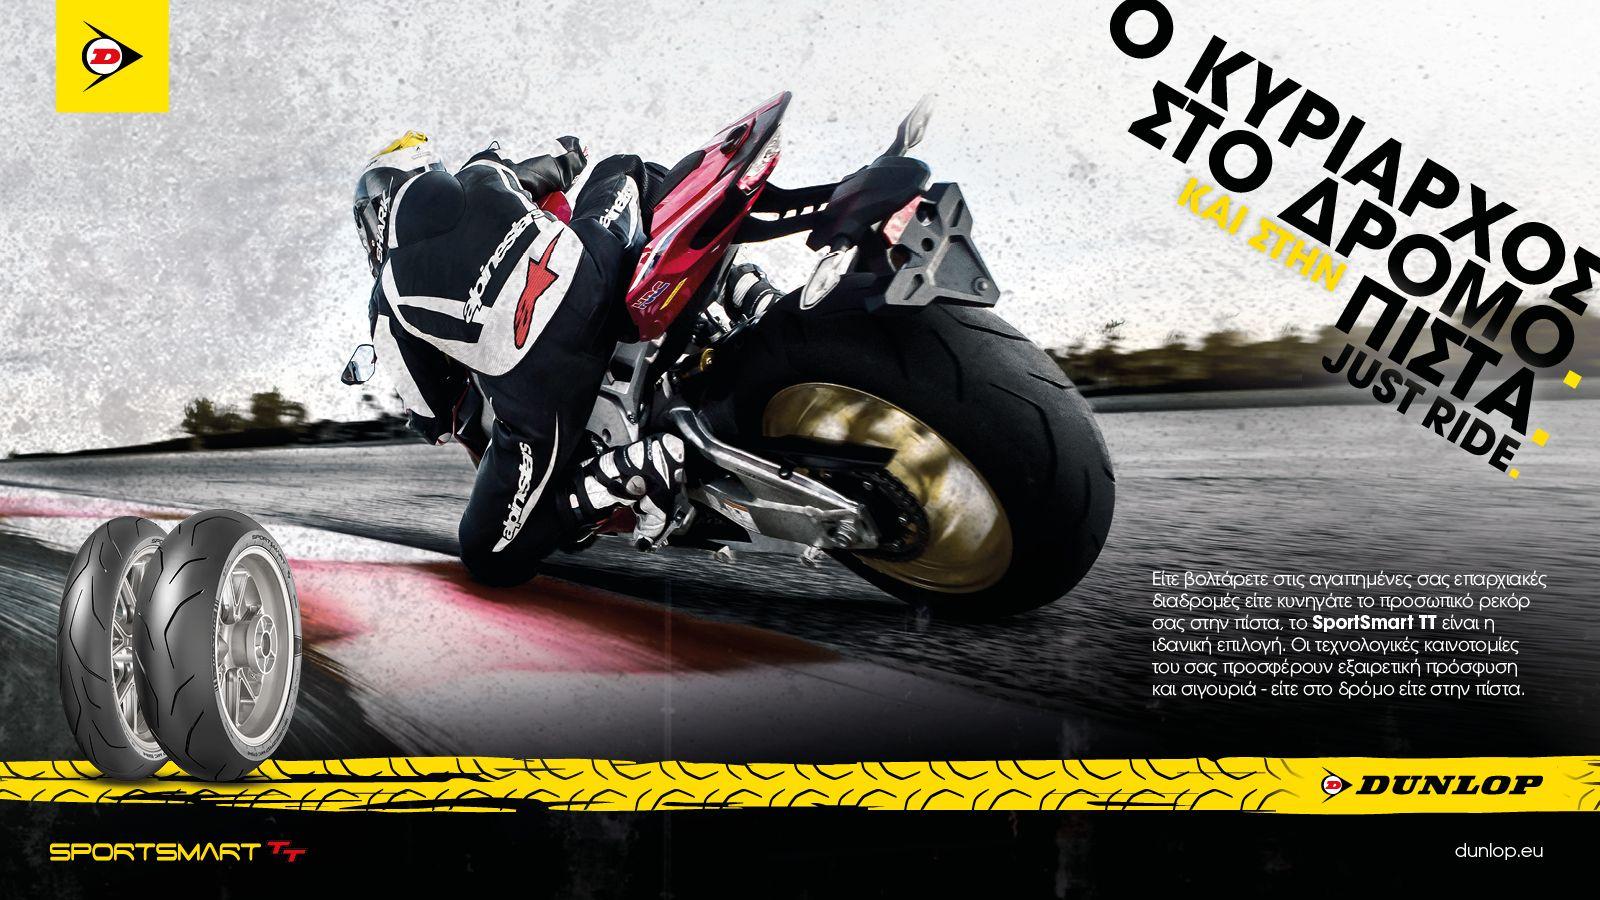 Παρουσίαση: Dunlop - SportSmart TT